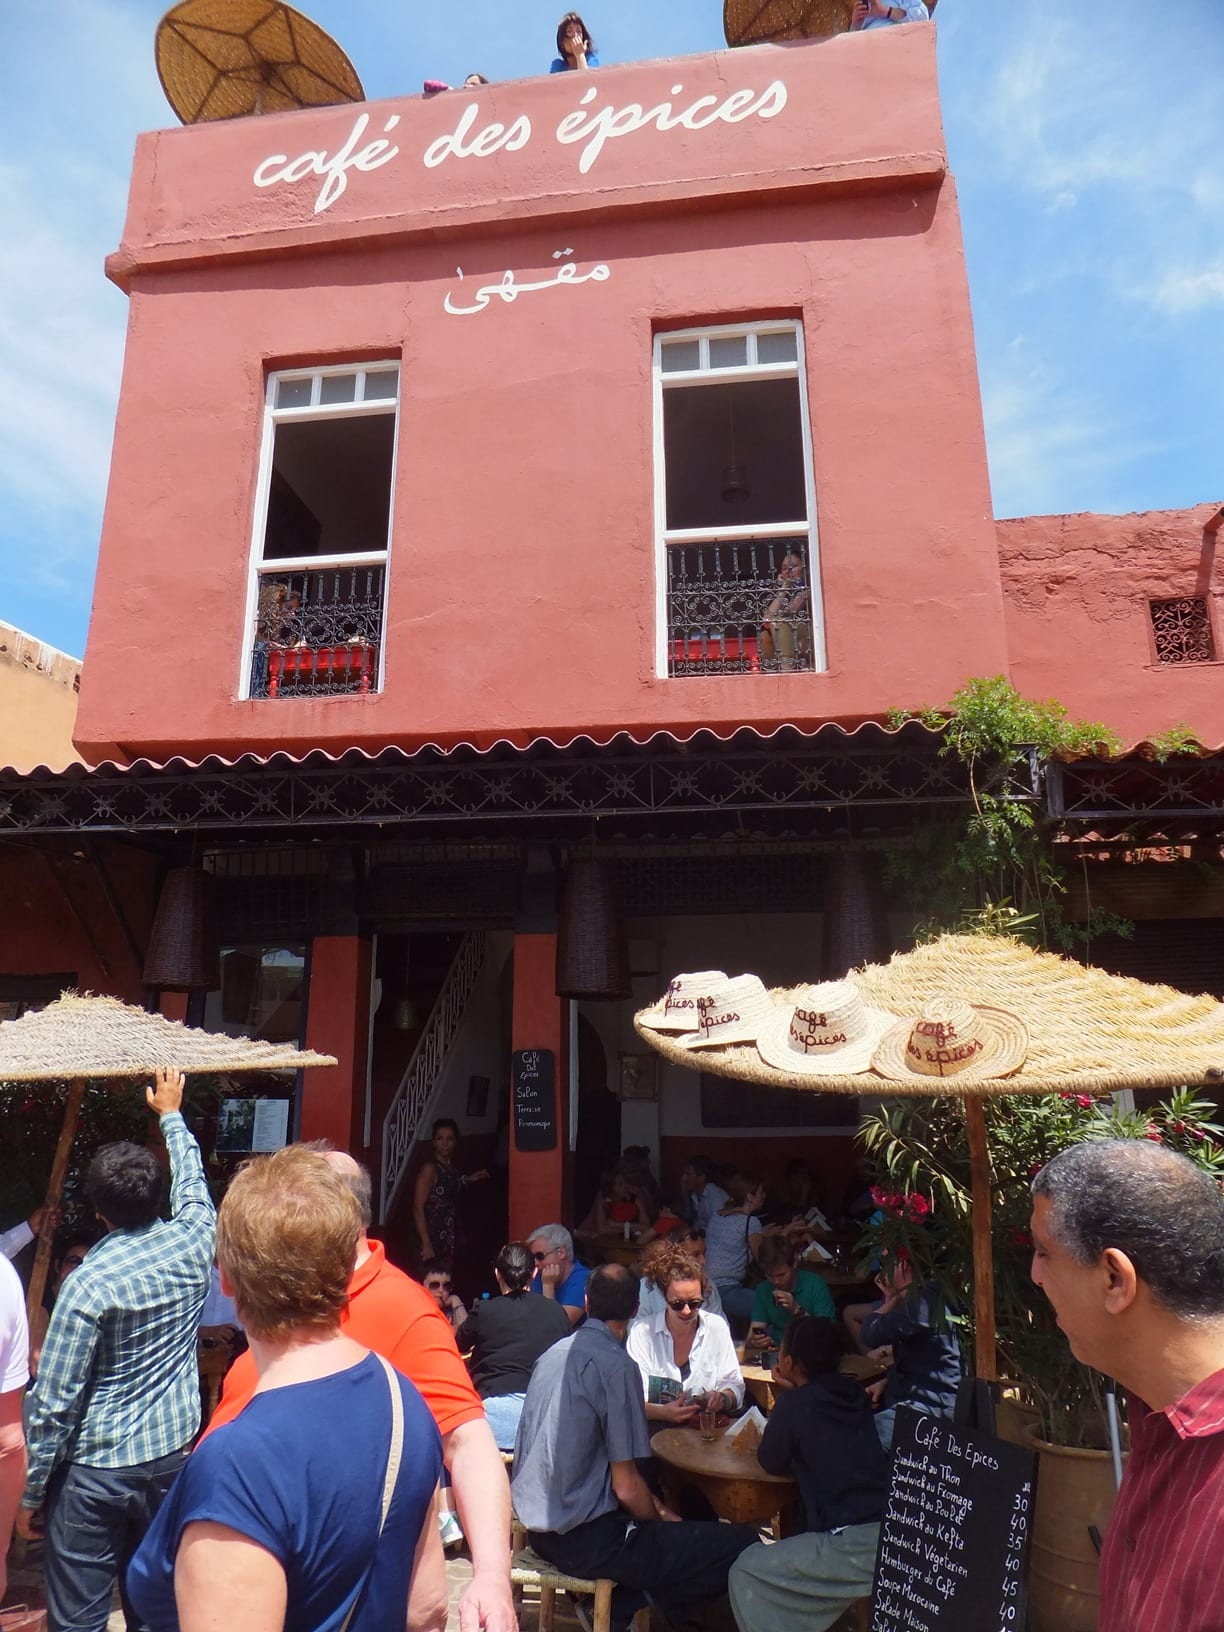 Y EL FAMOSO CAFÉ DES ÉPICES / And the FAMOUS Cafe Des Epices